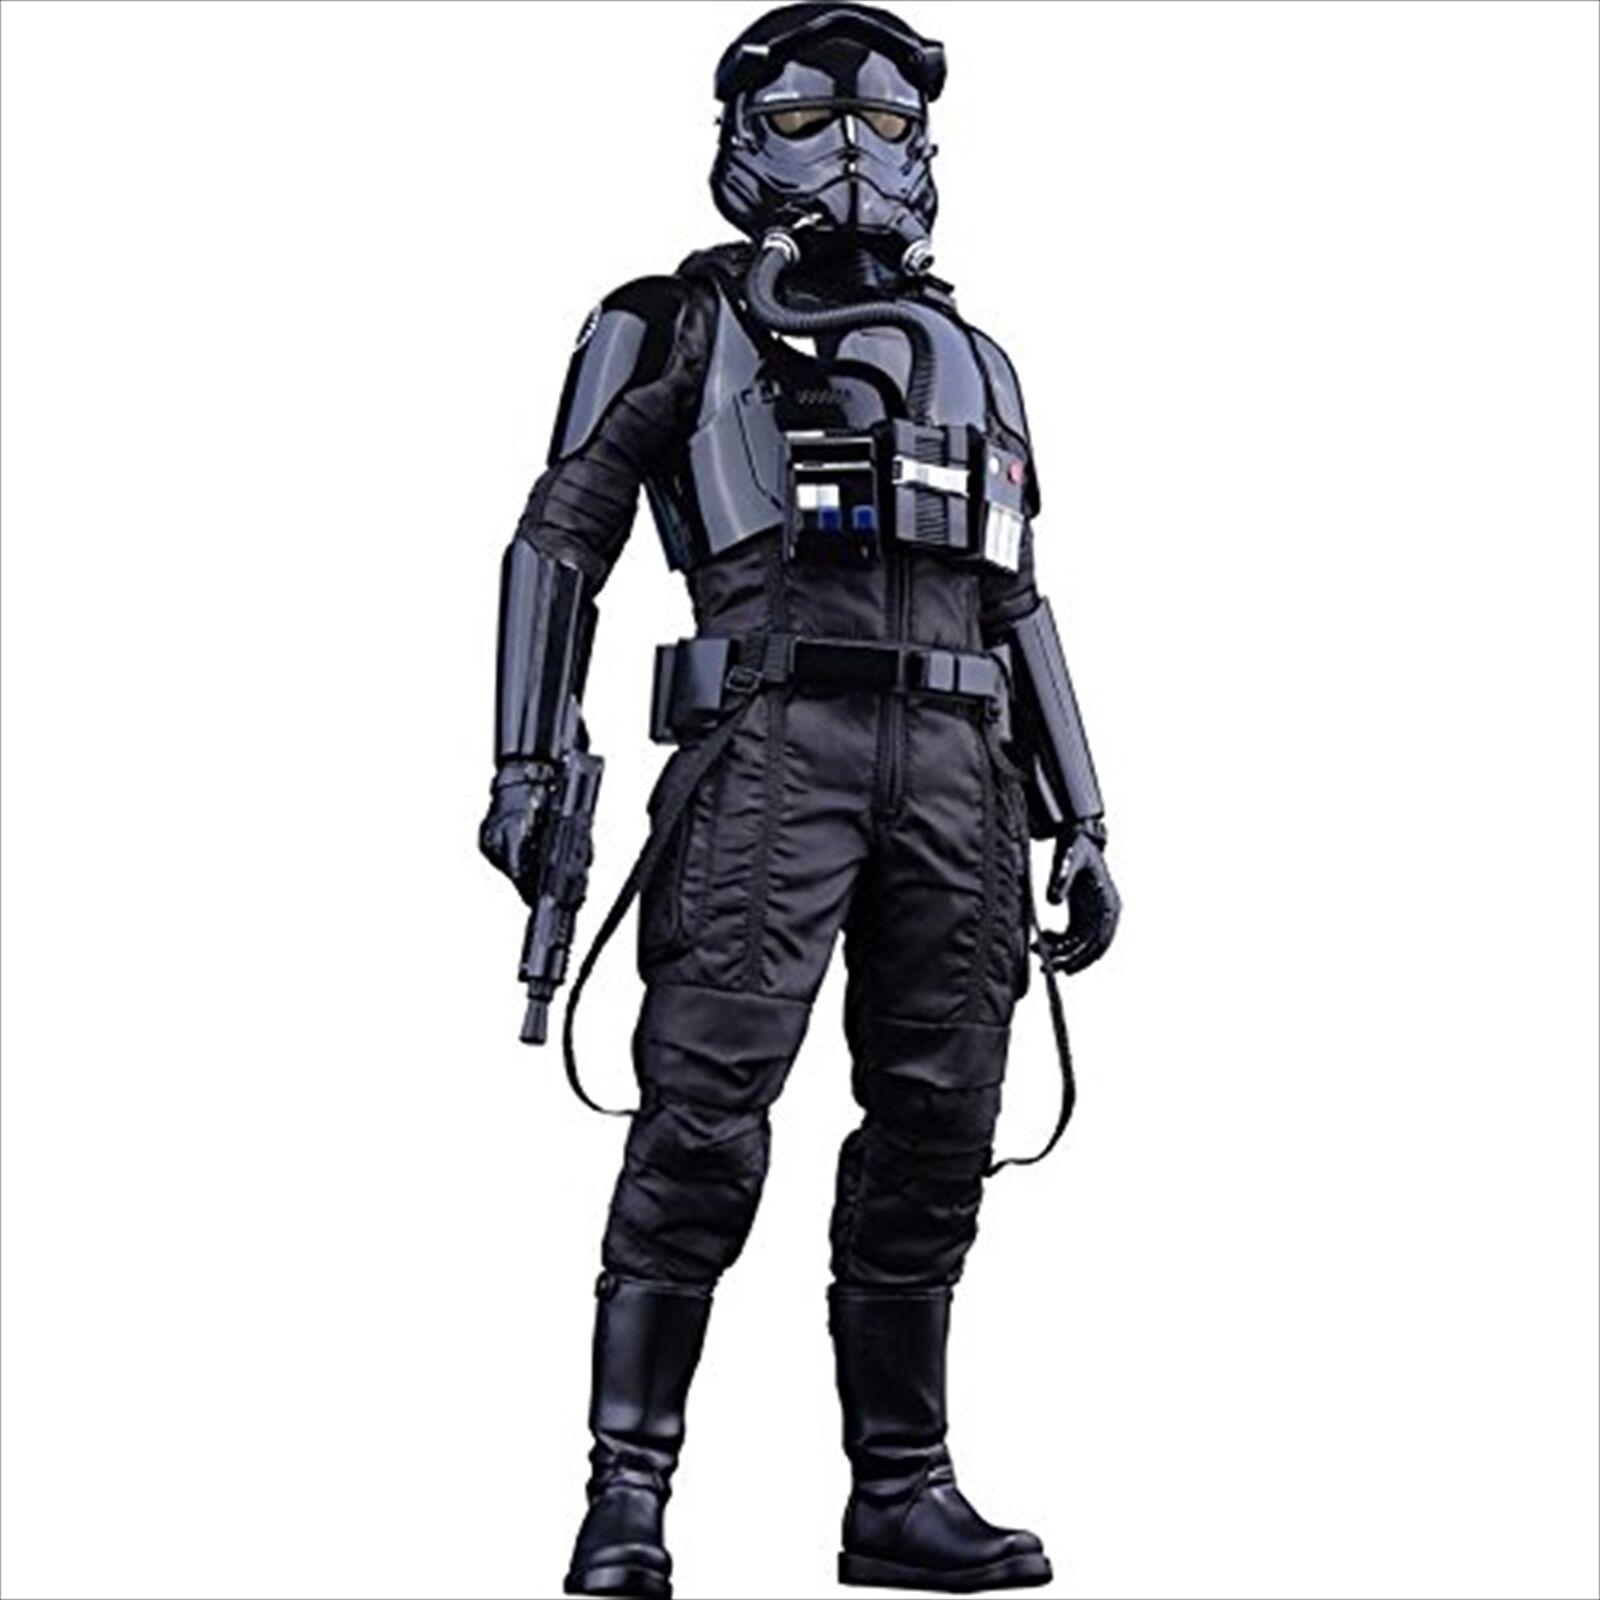 Hot juguetes STAR WARS The Force despierta primera orden Corbata piloto 16 figura